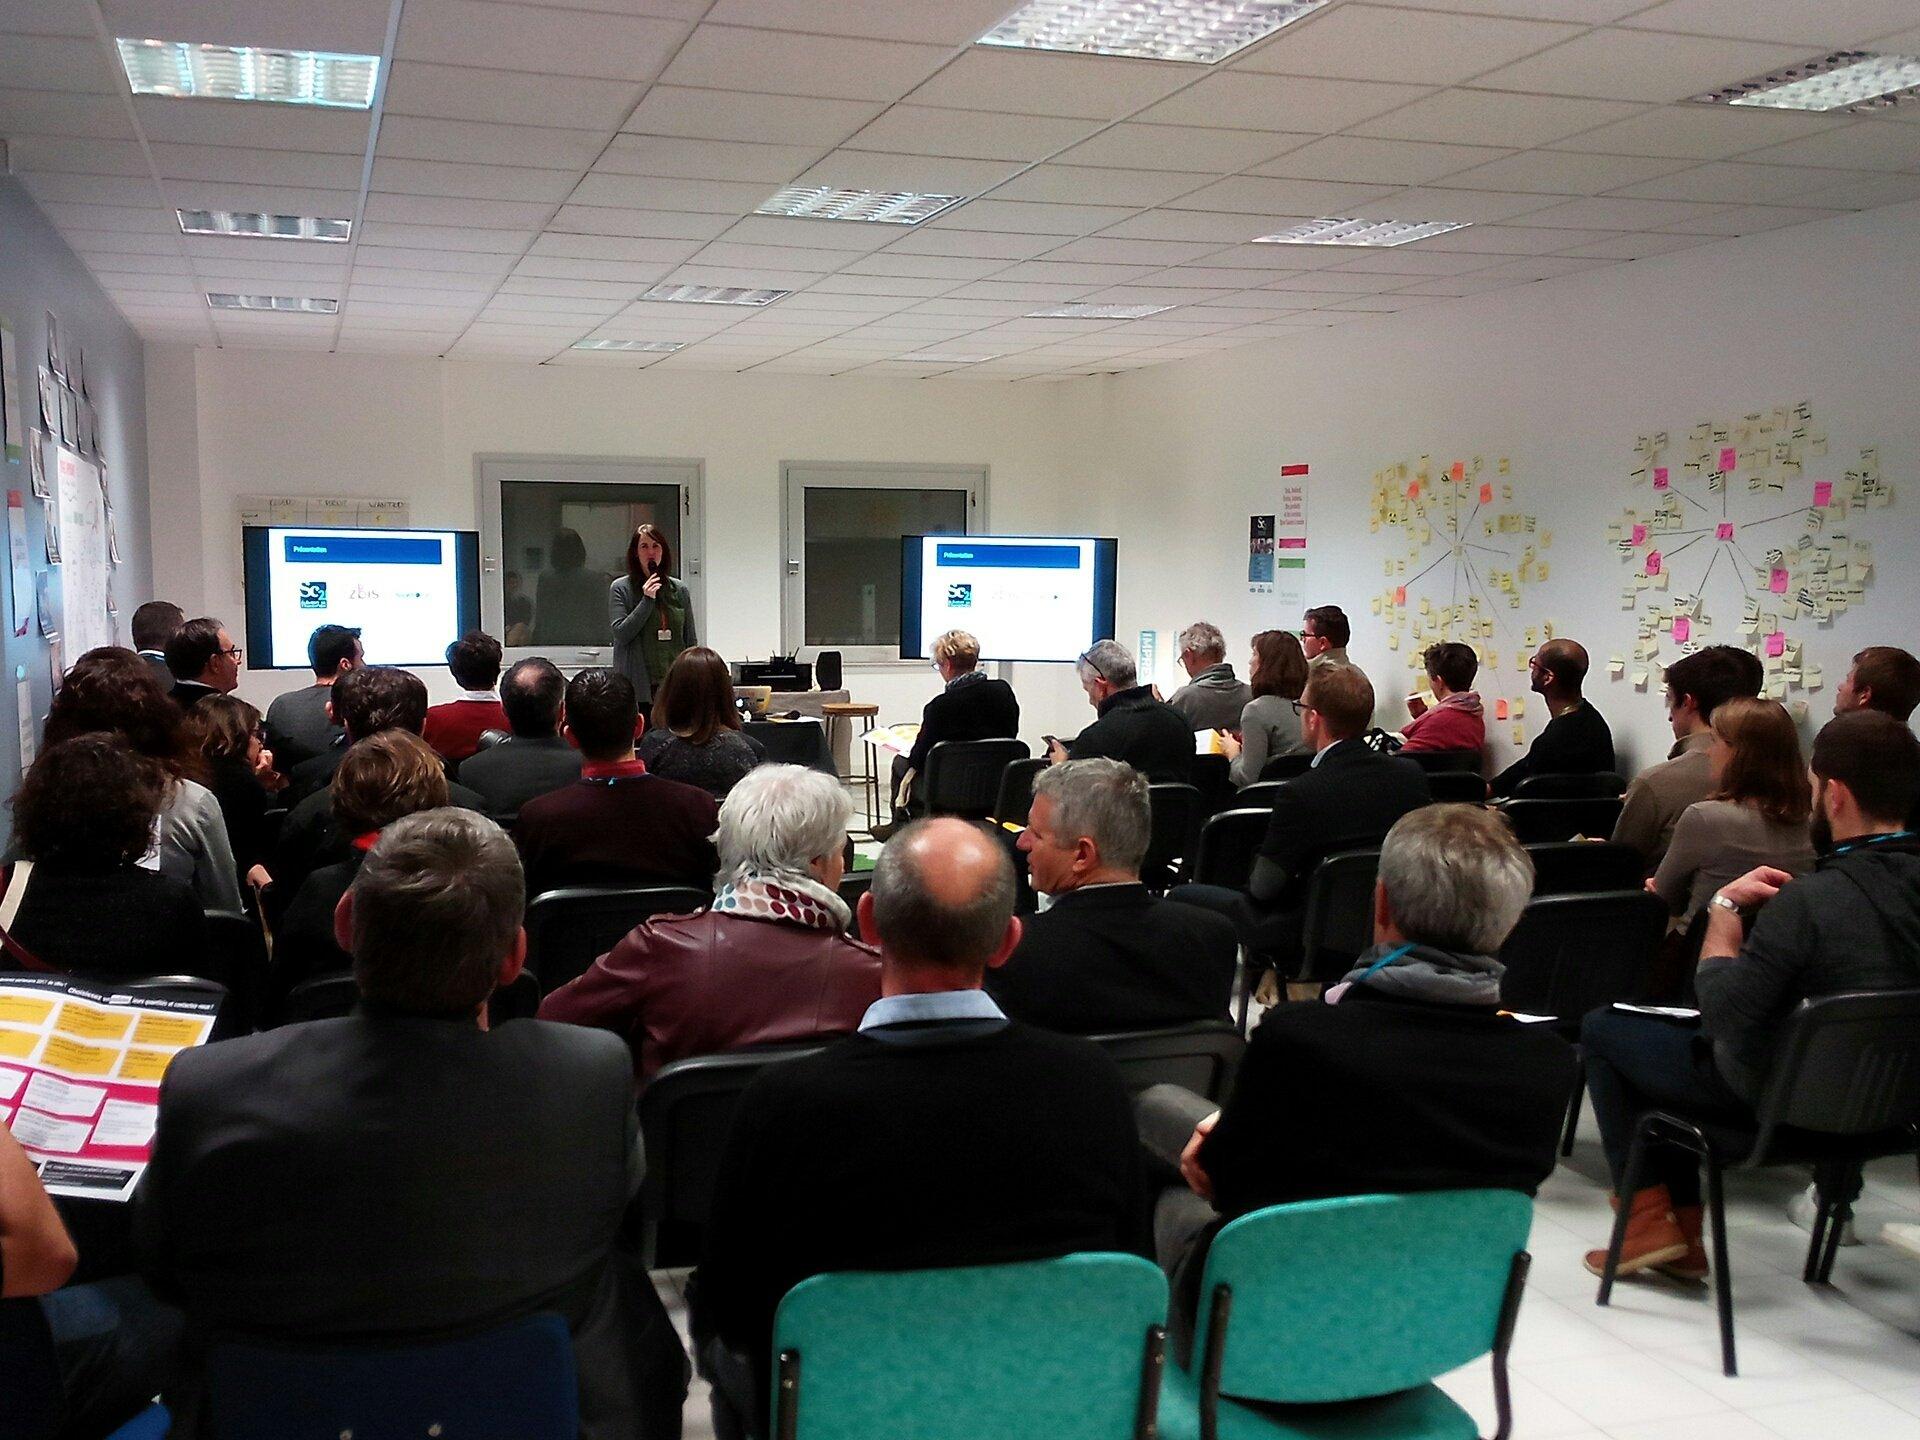 La conférence d'@emmaroux commence à #zbis, et vous vous avez déjà passé la porte de notre fablab à Saint-George-de-Montaigu ? https://t.co/ycPysDR9dL